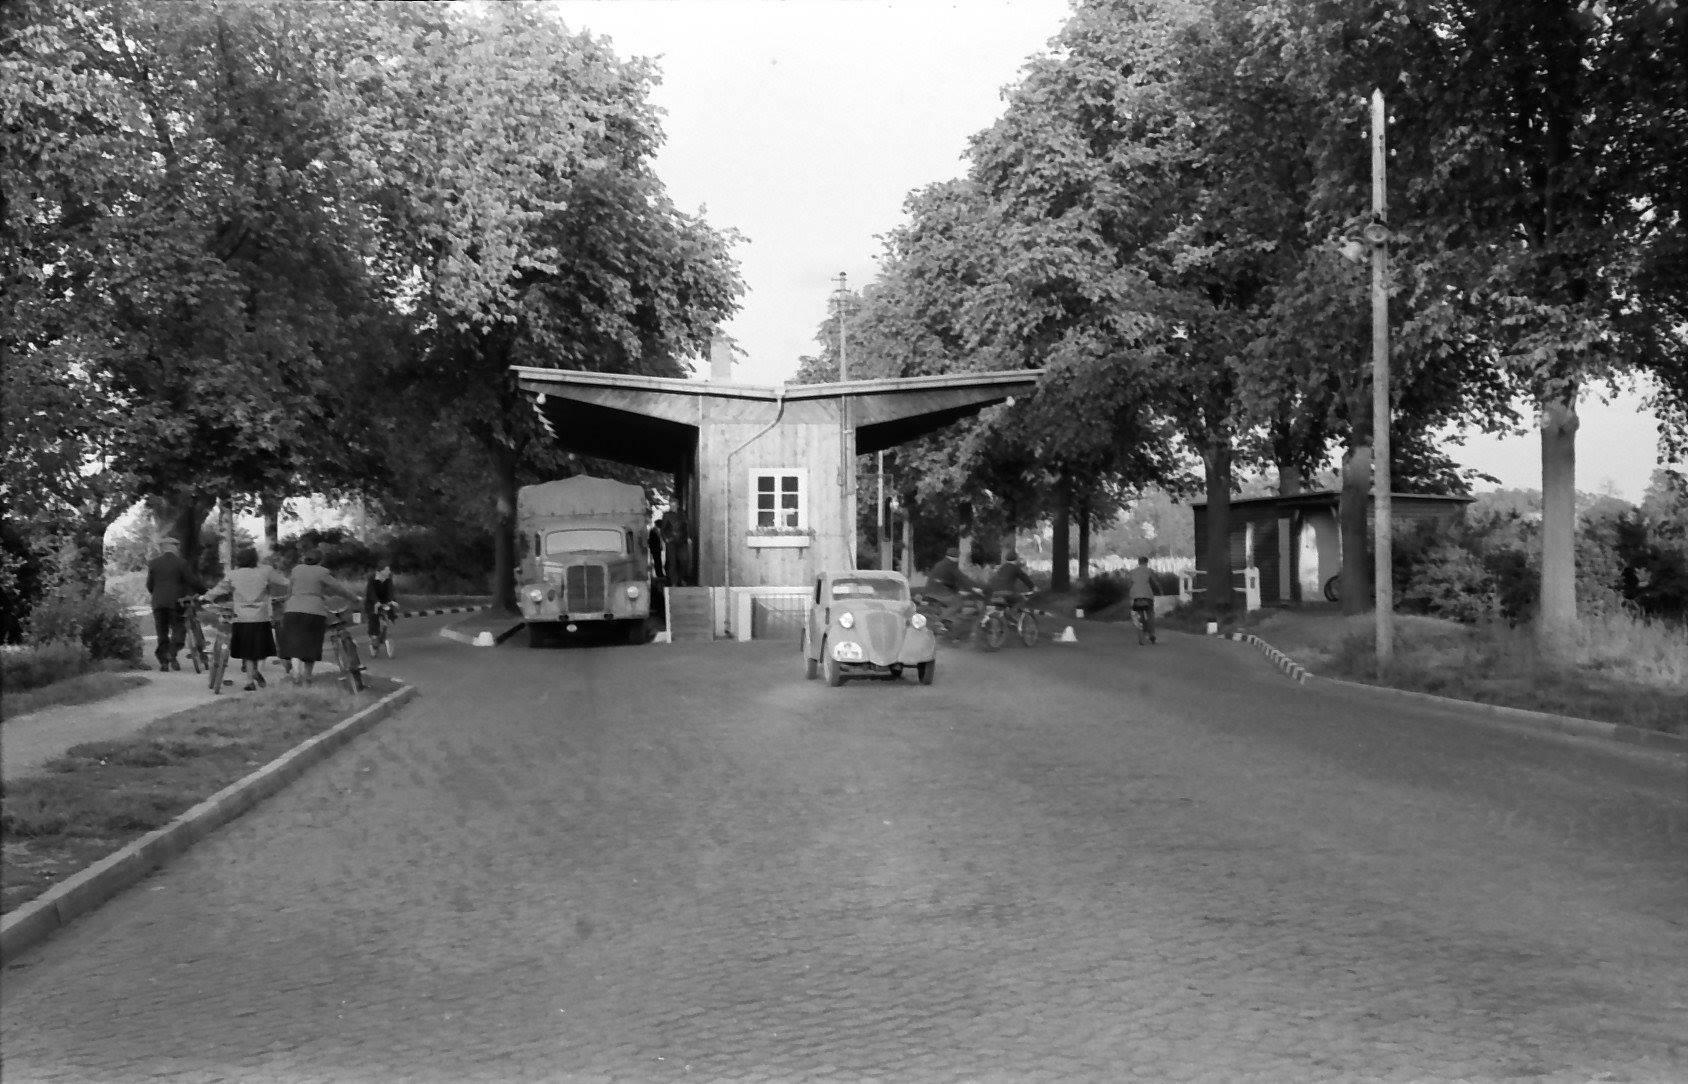 1951-Berlin-Spandau-Zonengrenze-Heerstrasse-Grenzubergang-Staaken